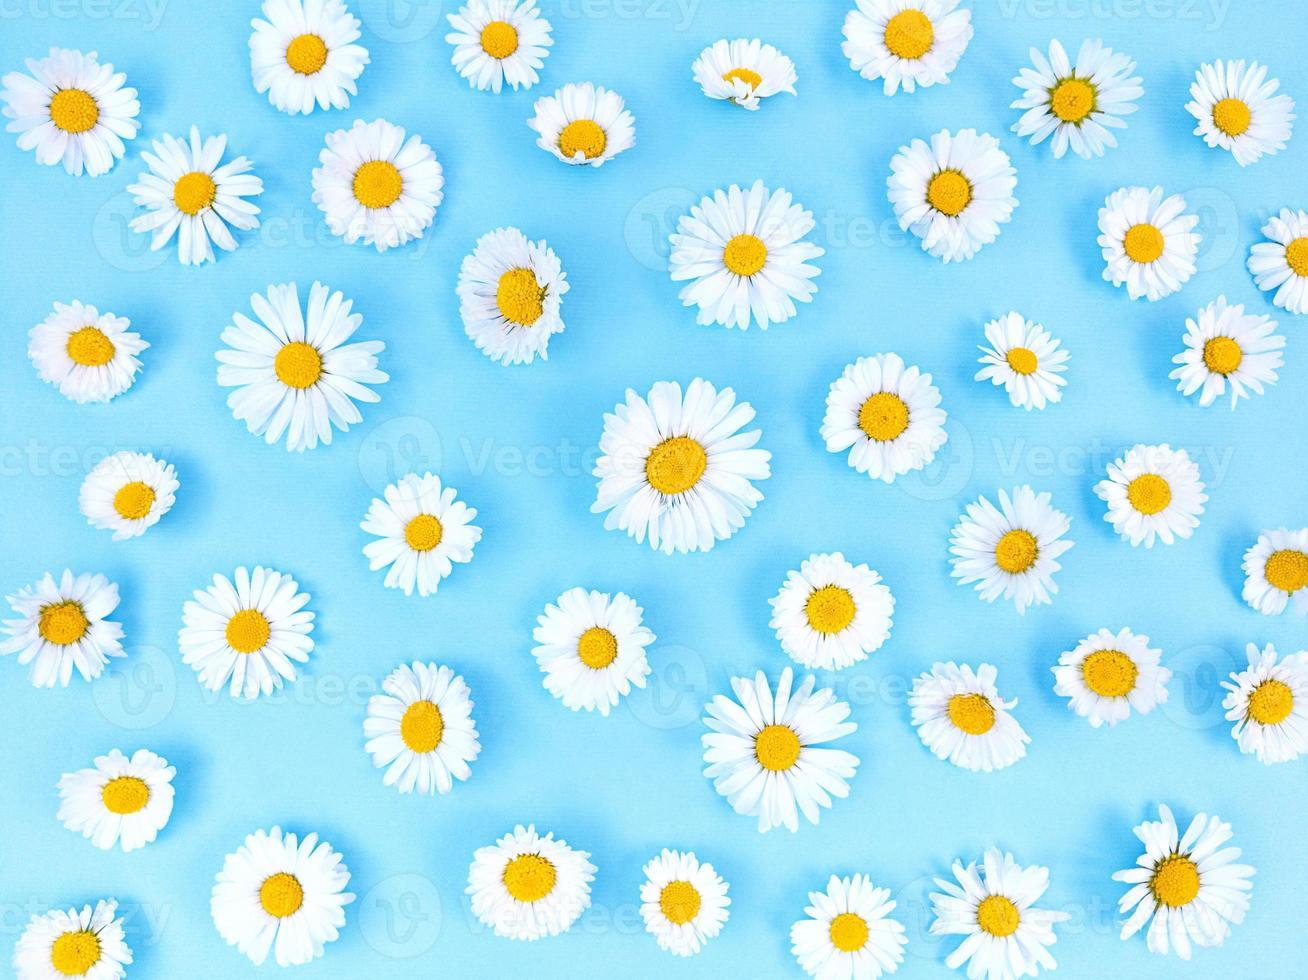 motif de fleurs de camomille sur fond bleu. photo